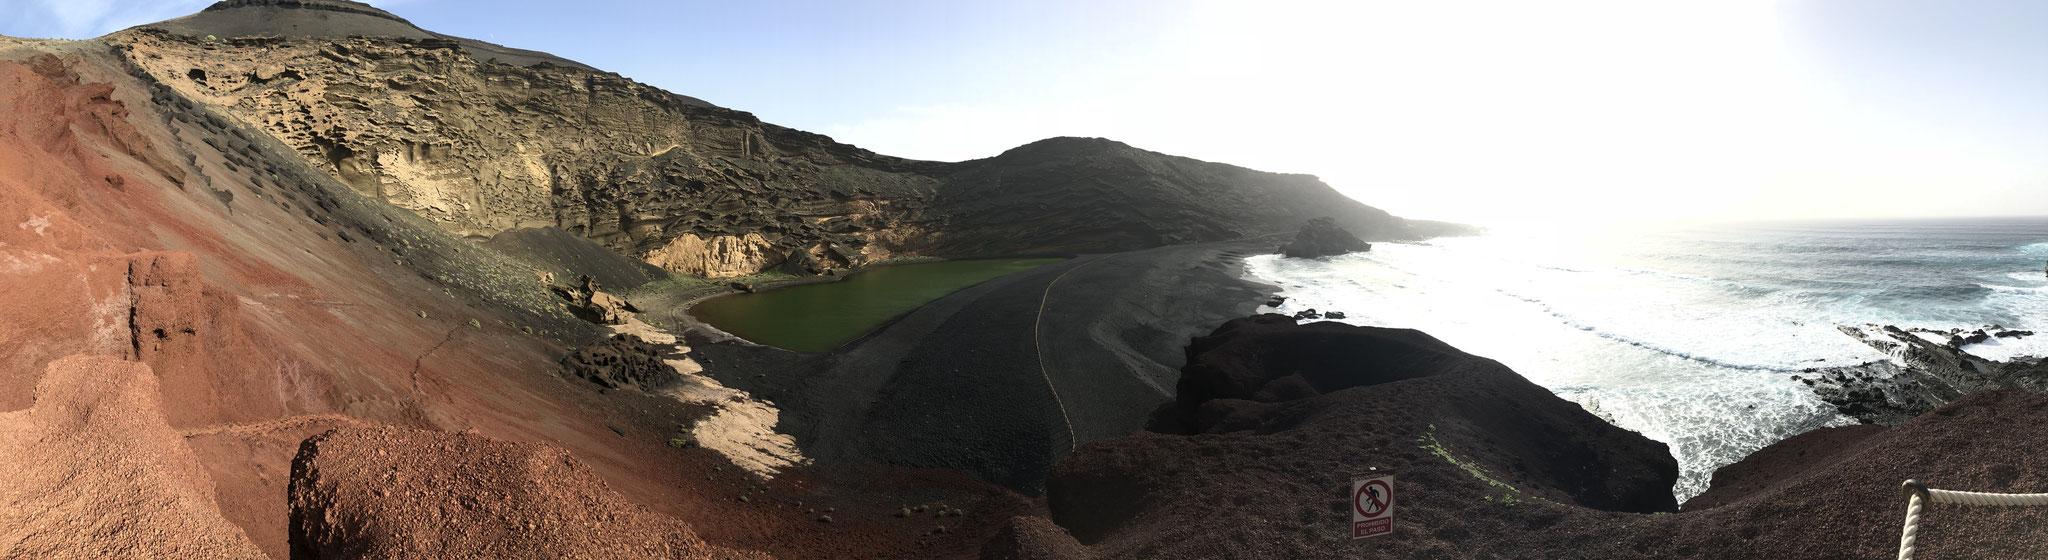 El Golfo, Lanzarote, Spain (December 2018)